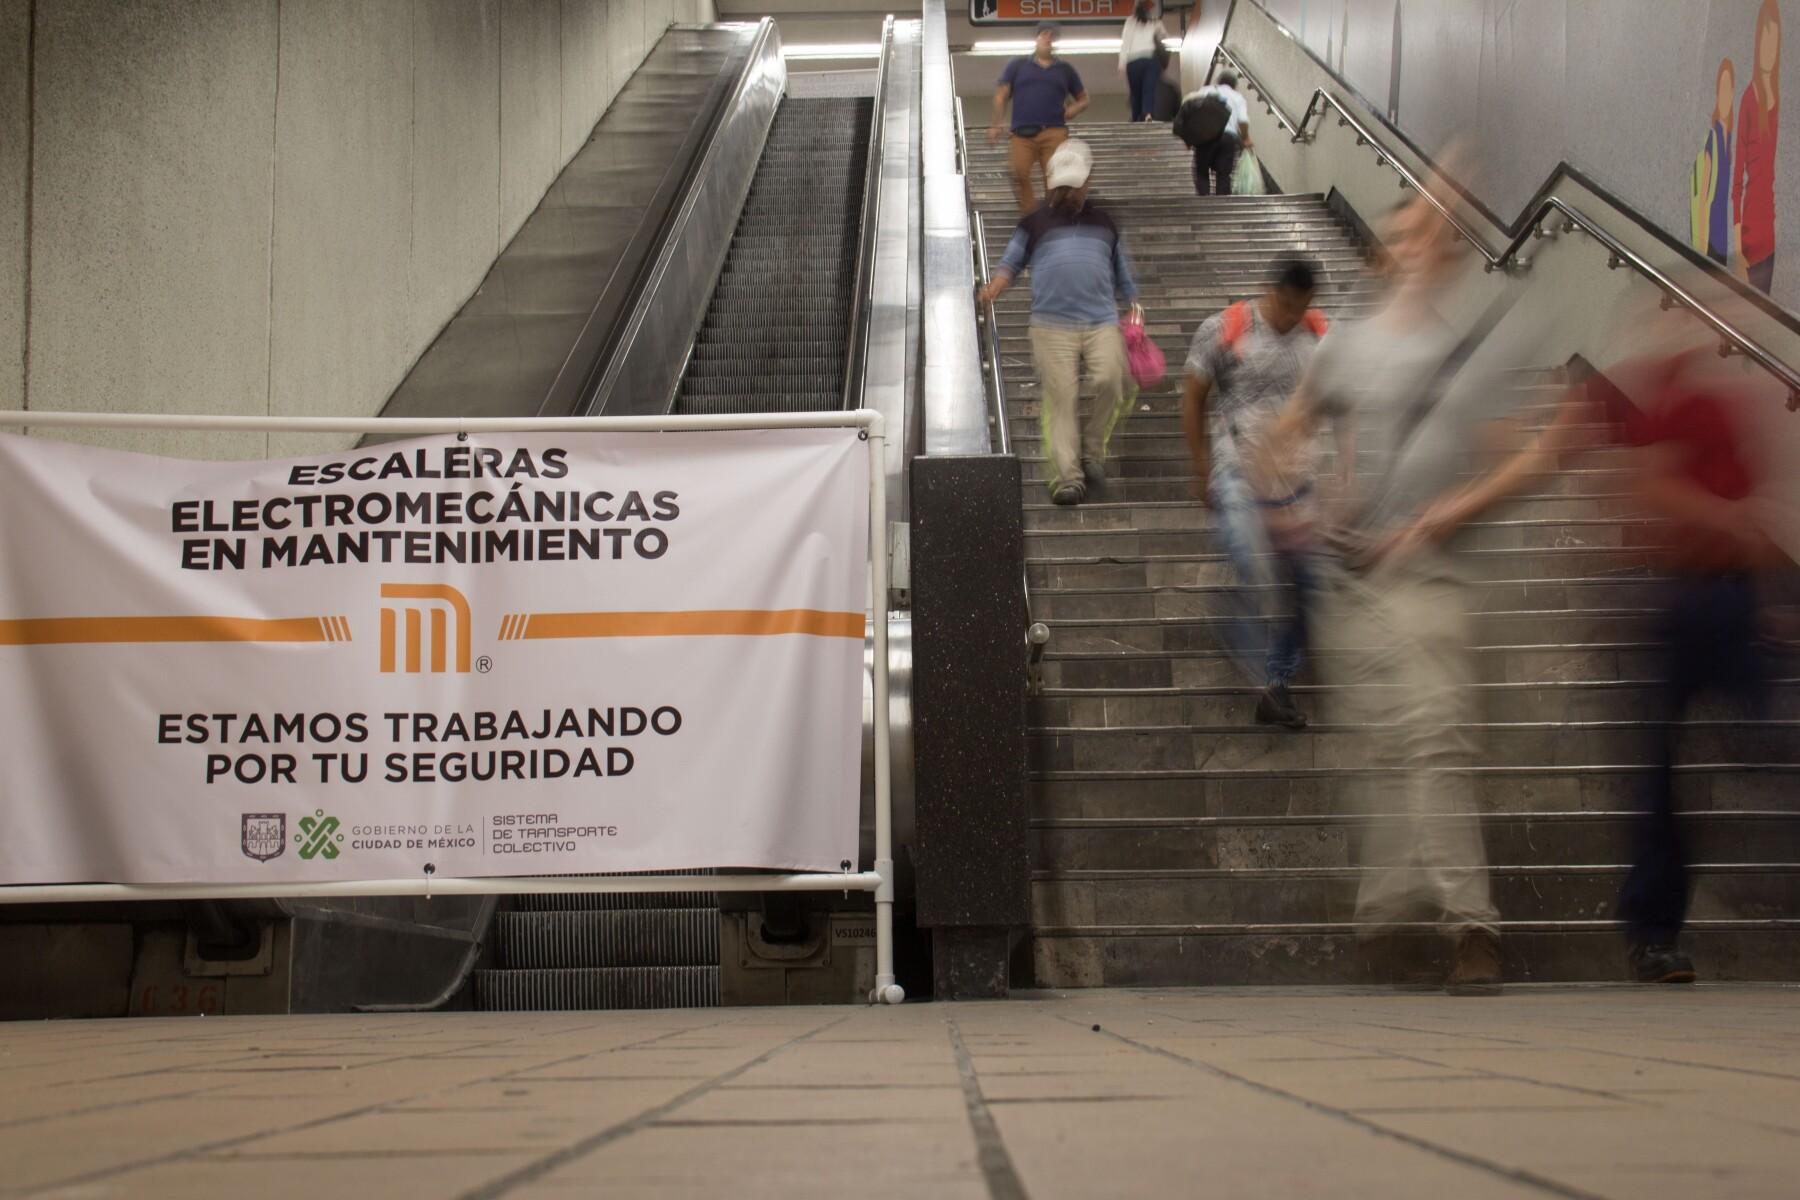 Escaleras en el Metro